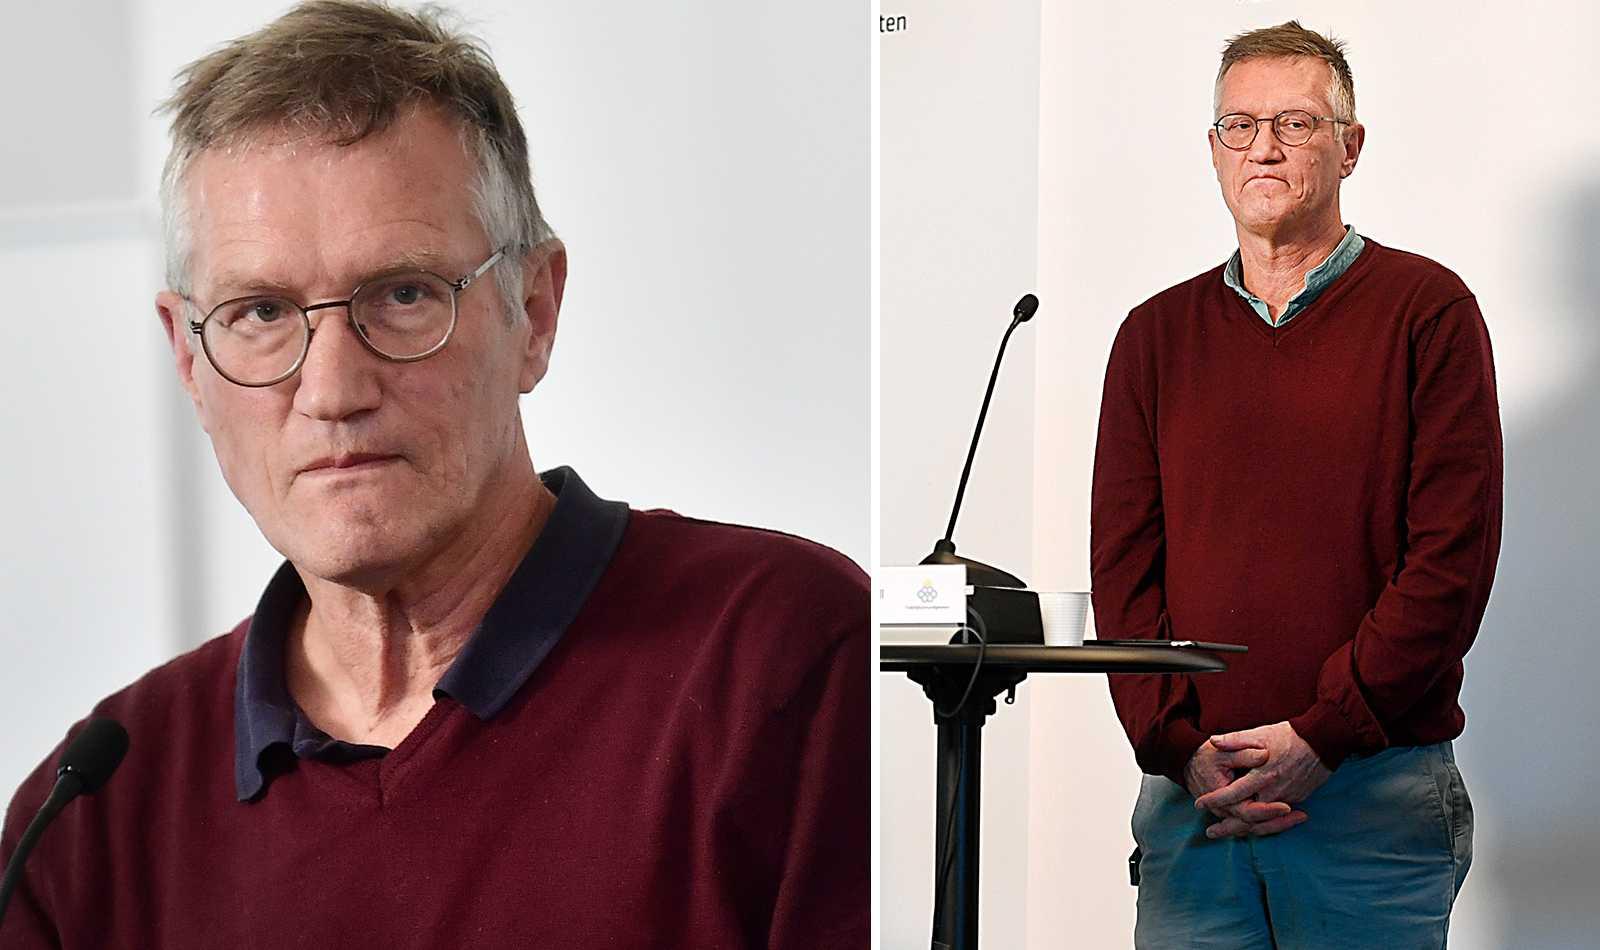 Anders Tegnell Om Att Kallas Landsfader Kommer Ga Over Aftonbladet